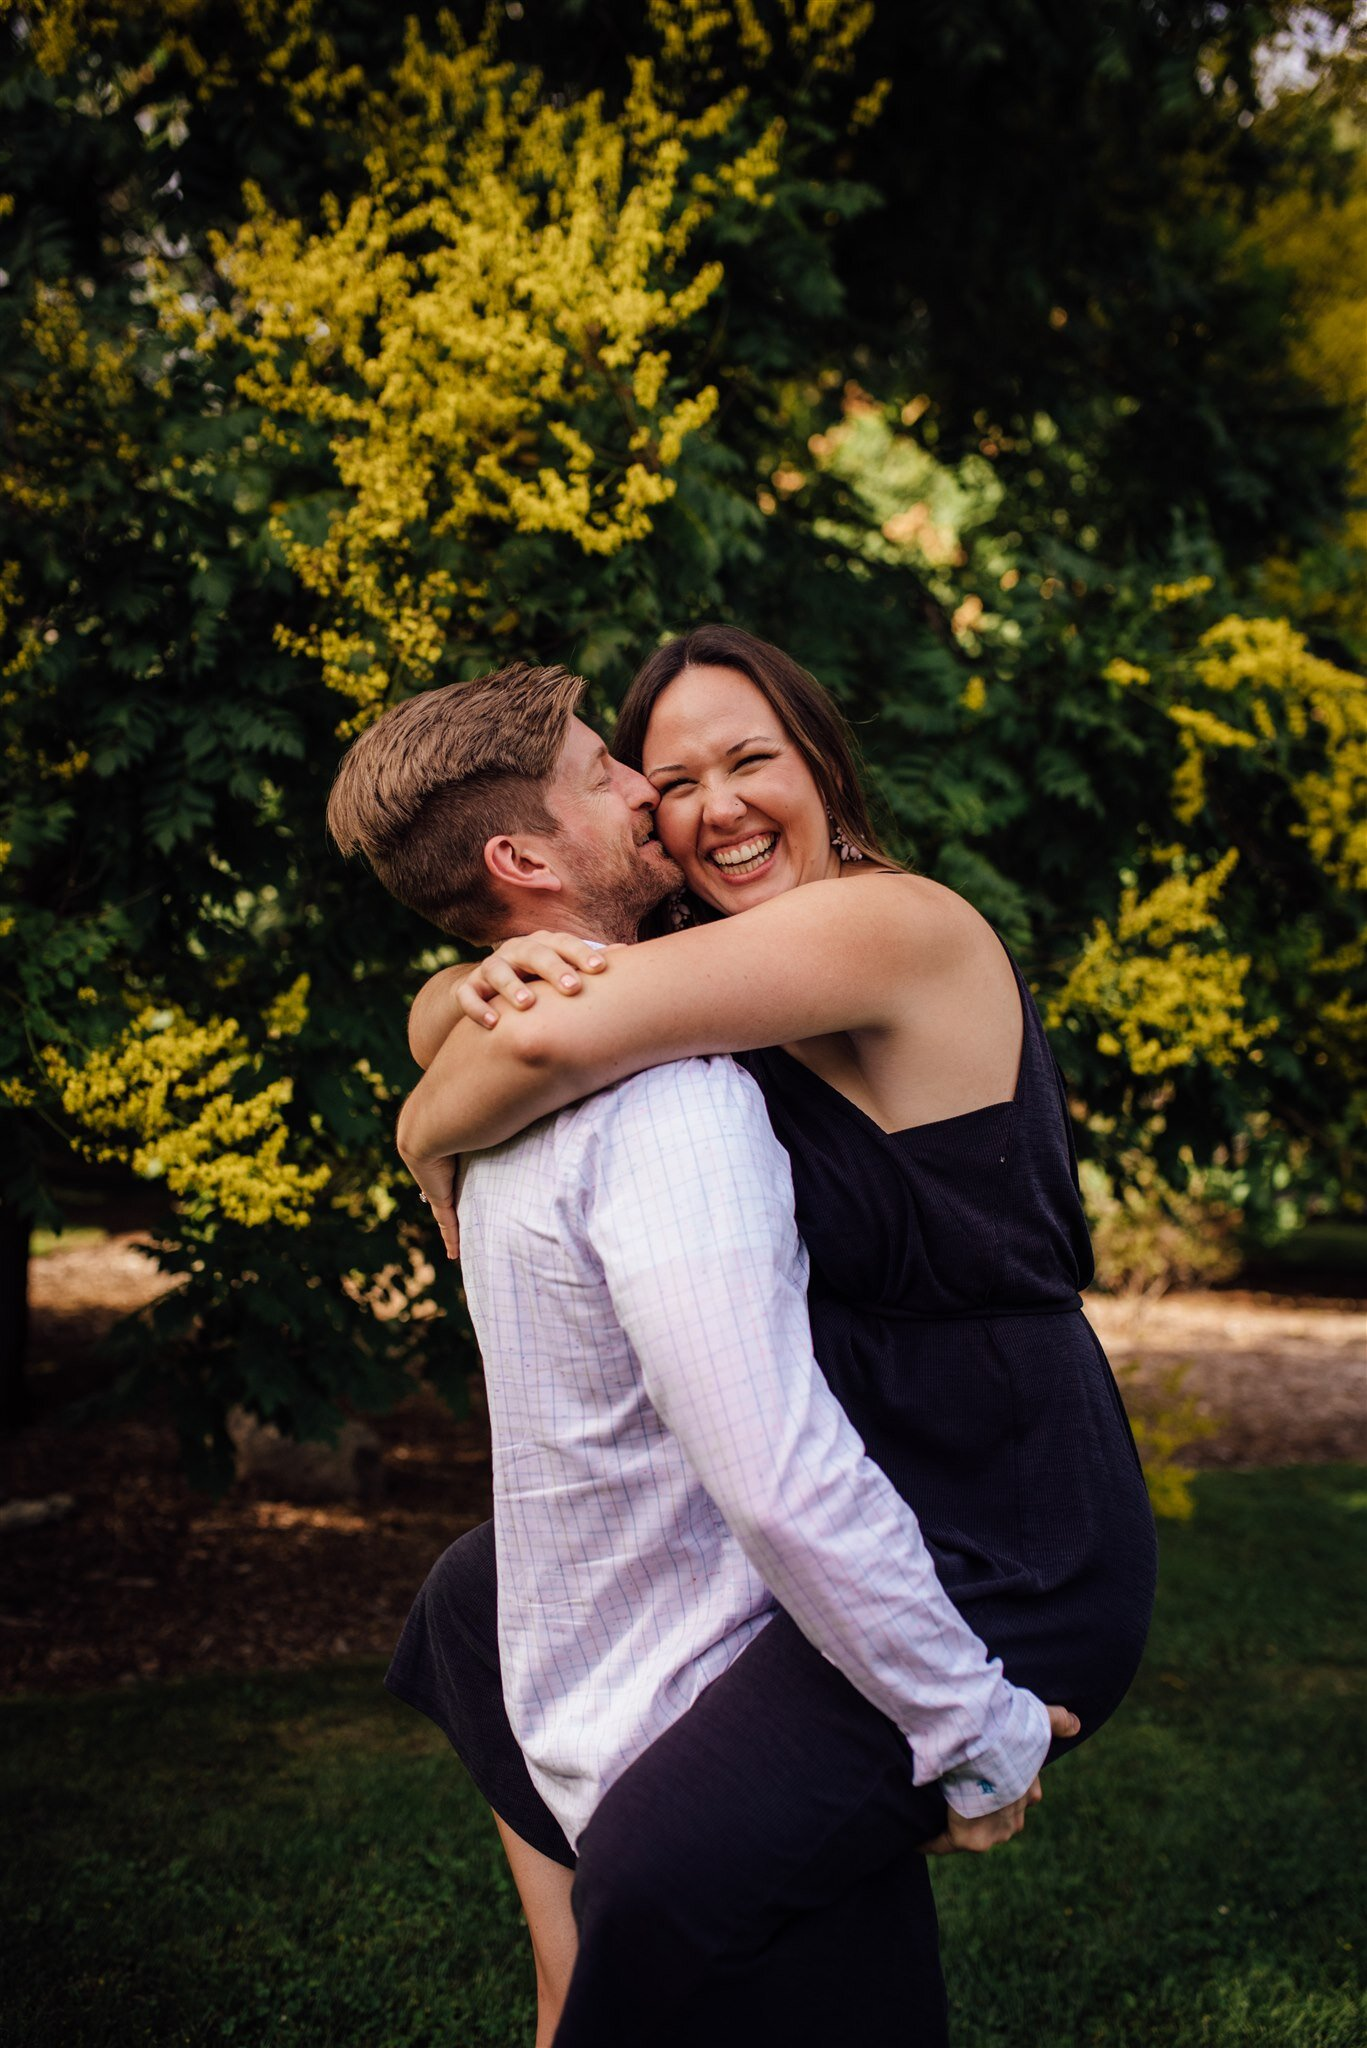 boston engagement session - new england wedding photographer - boston wedding photographer - arnold arboretum engagement